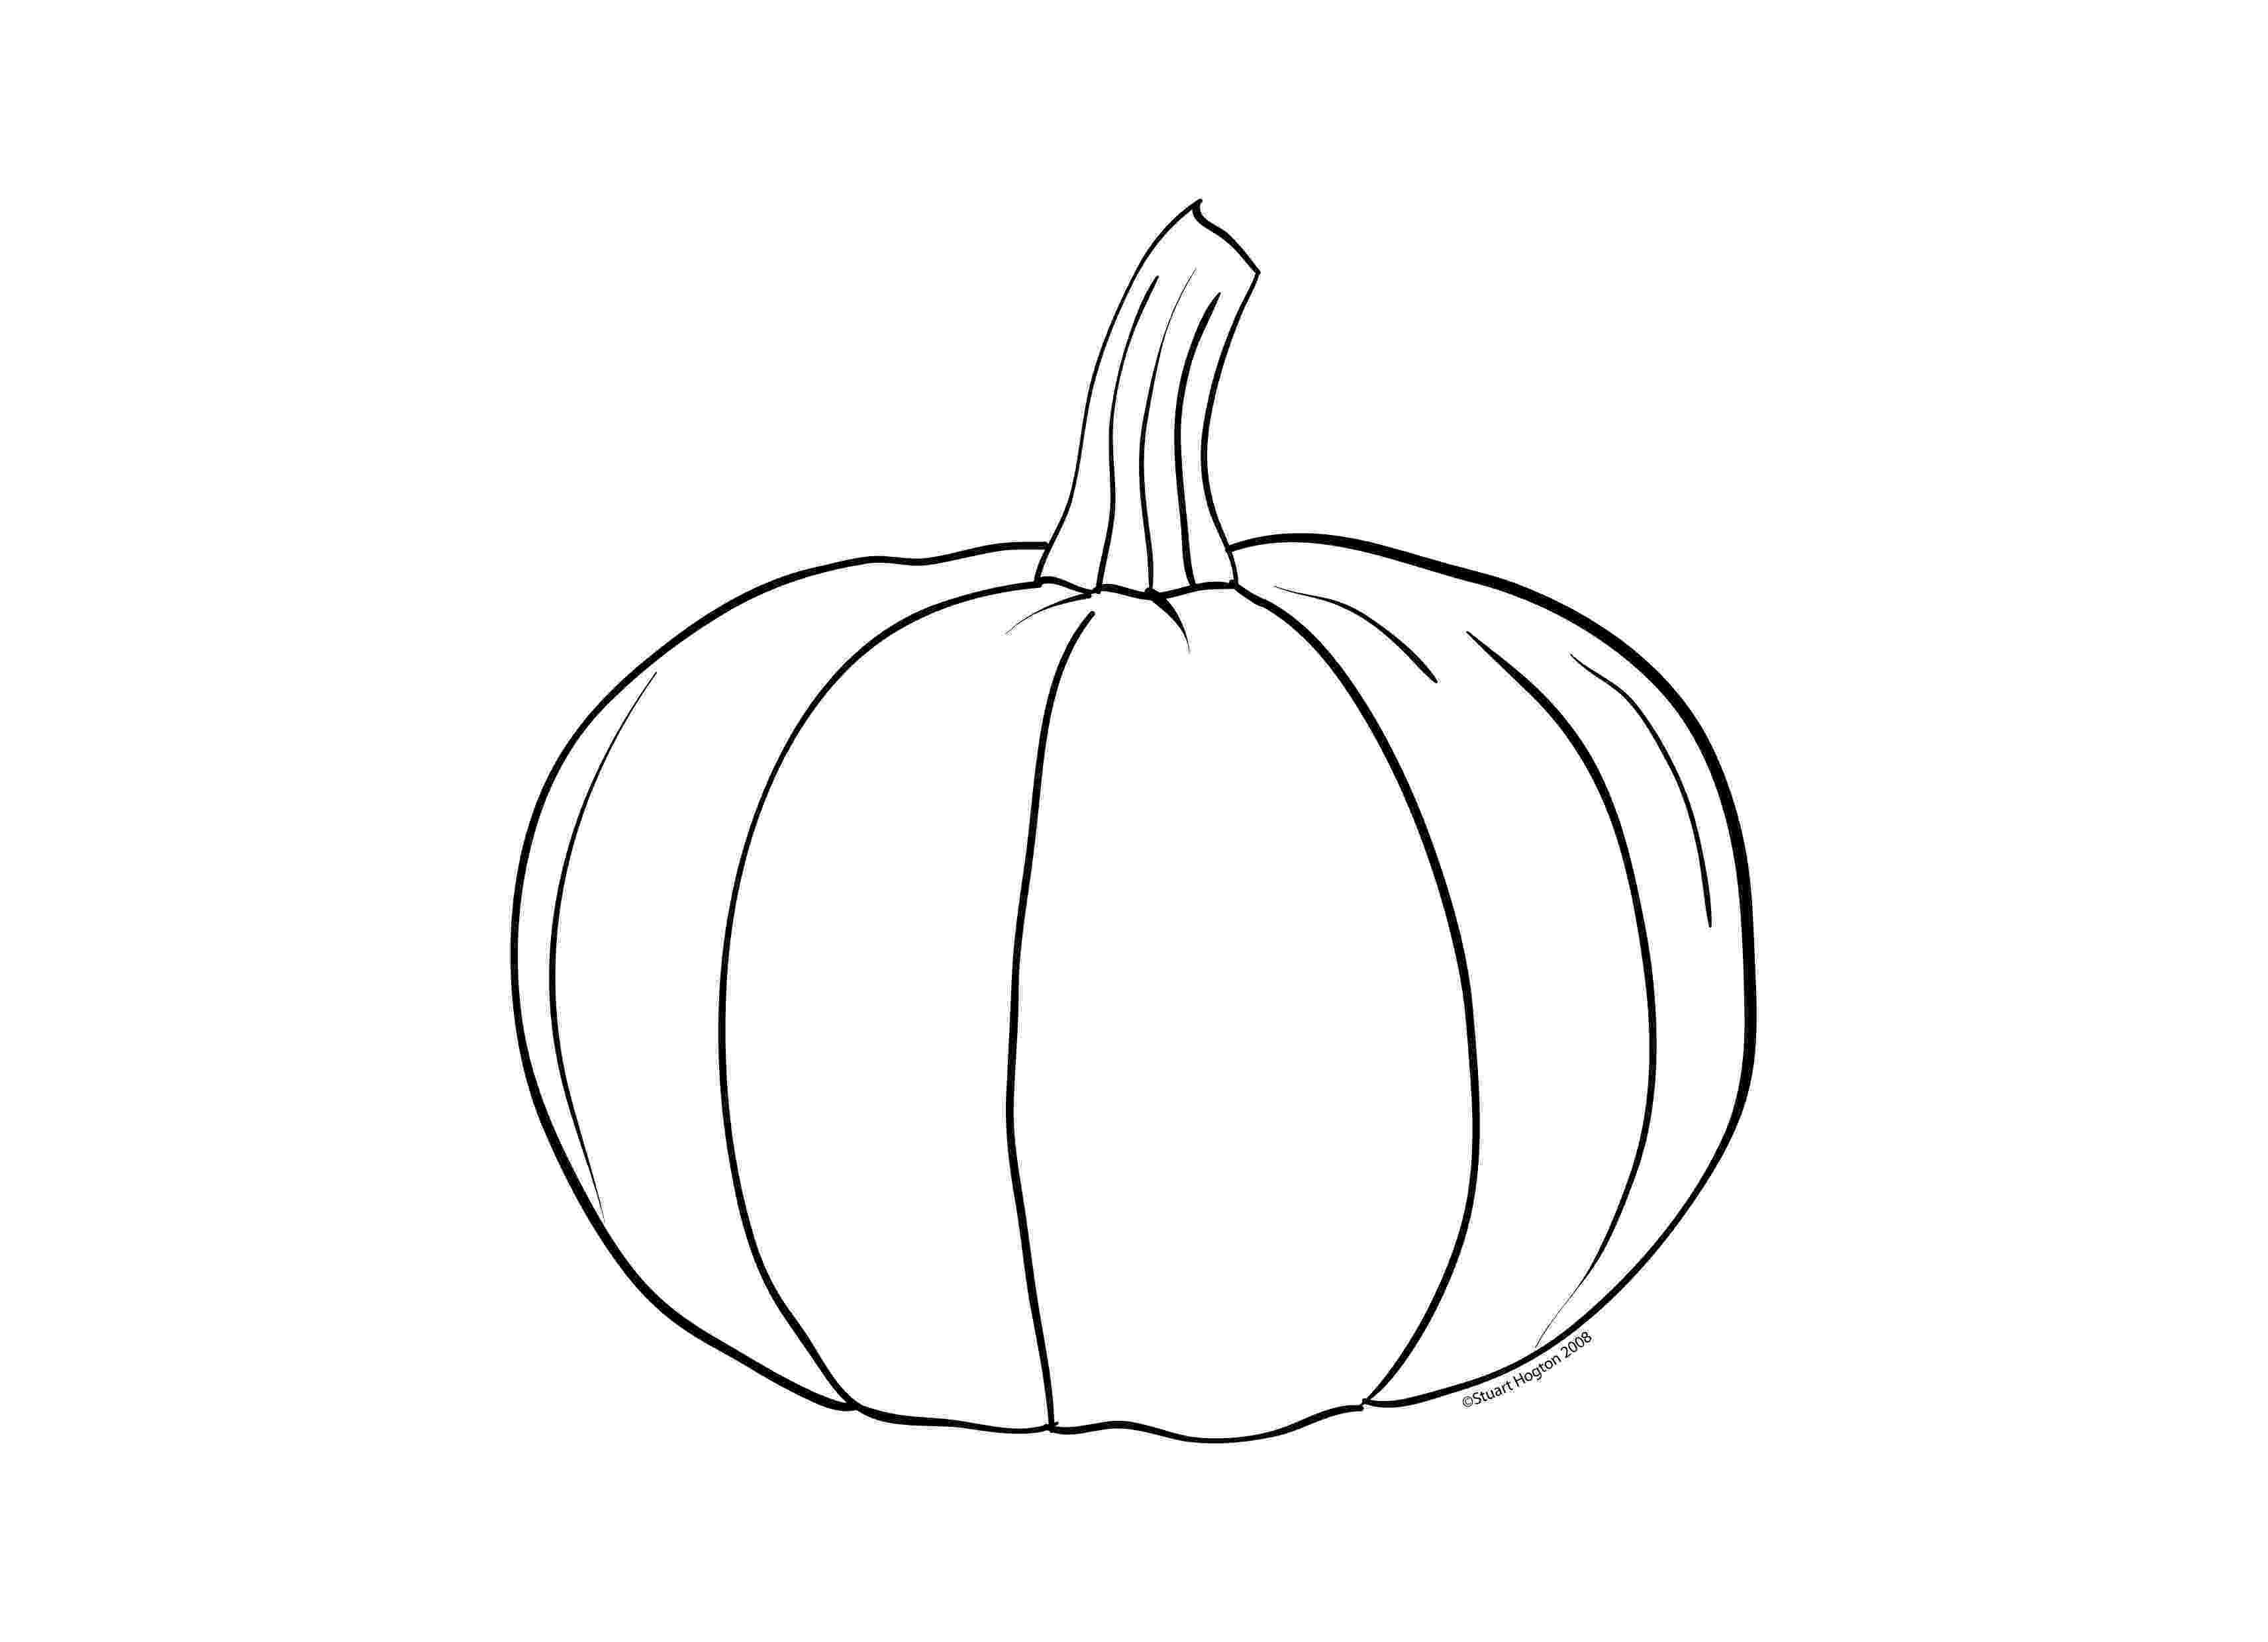 pumpkin printouts pumpkin coloring page free printable coloring pages printouts pumpkin